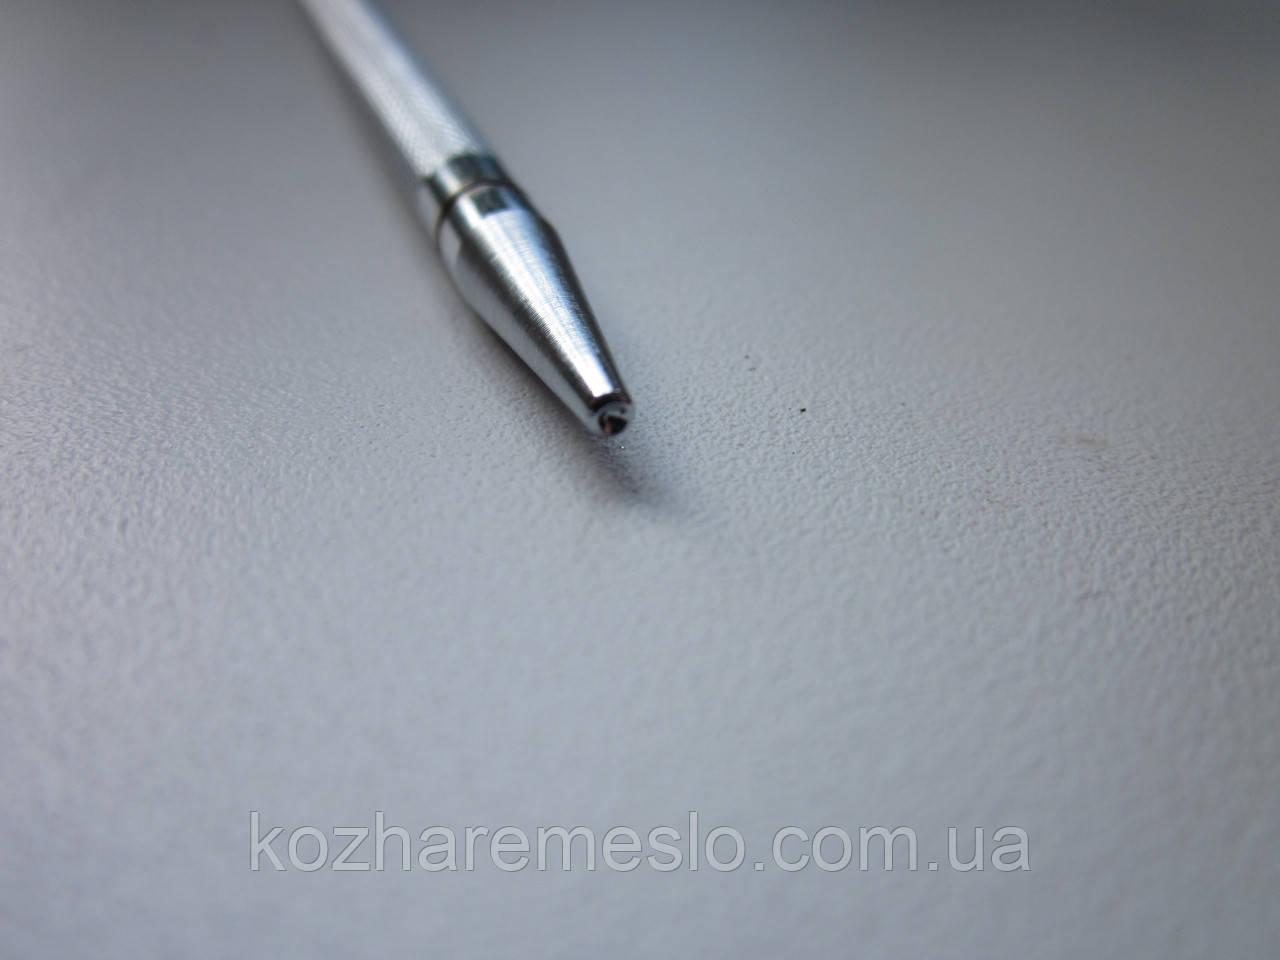 Штамп S932